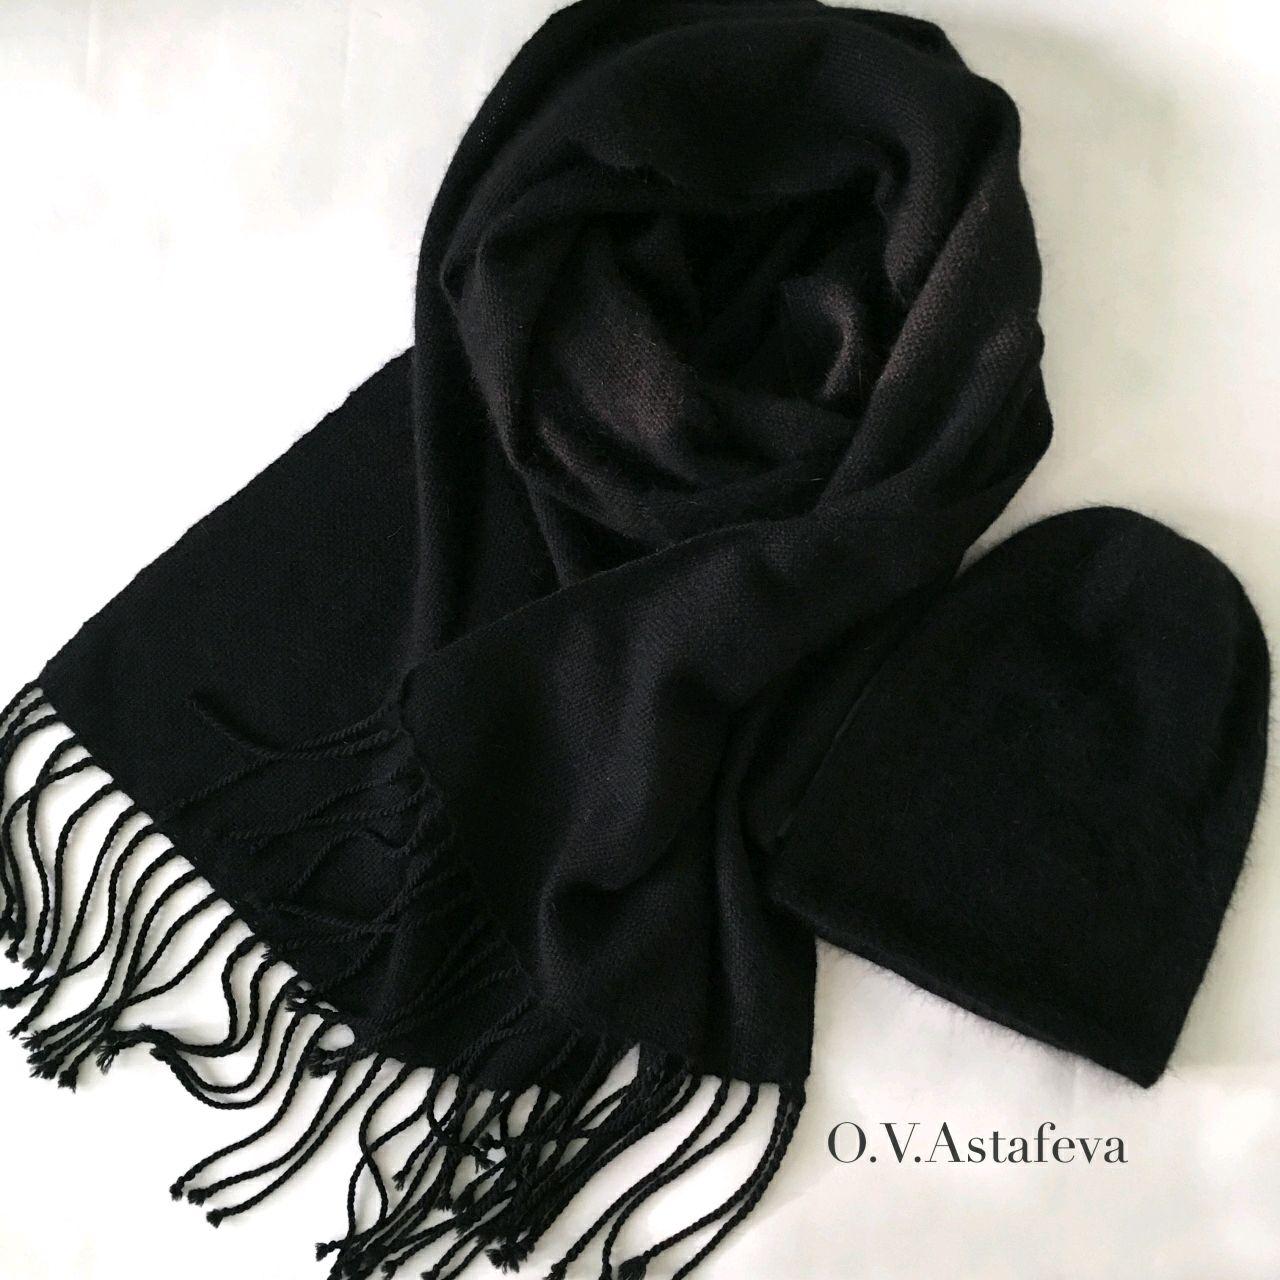 Комплекты аксессуаров ручной работы. Ярмарка Мастеров - ручная работа. Купить Комплект вязаная шапка-бини и тканый шарф из ангоры. Handmade.